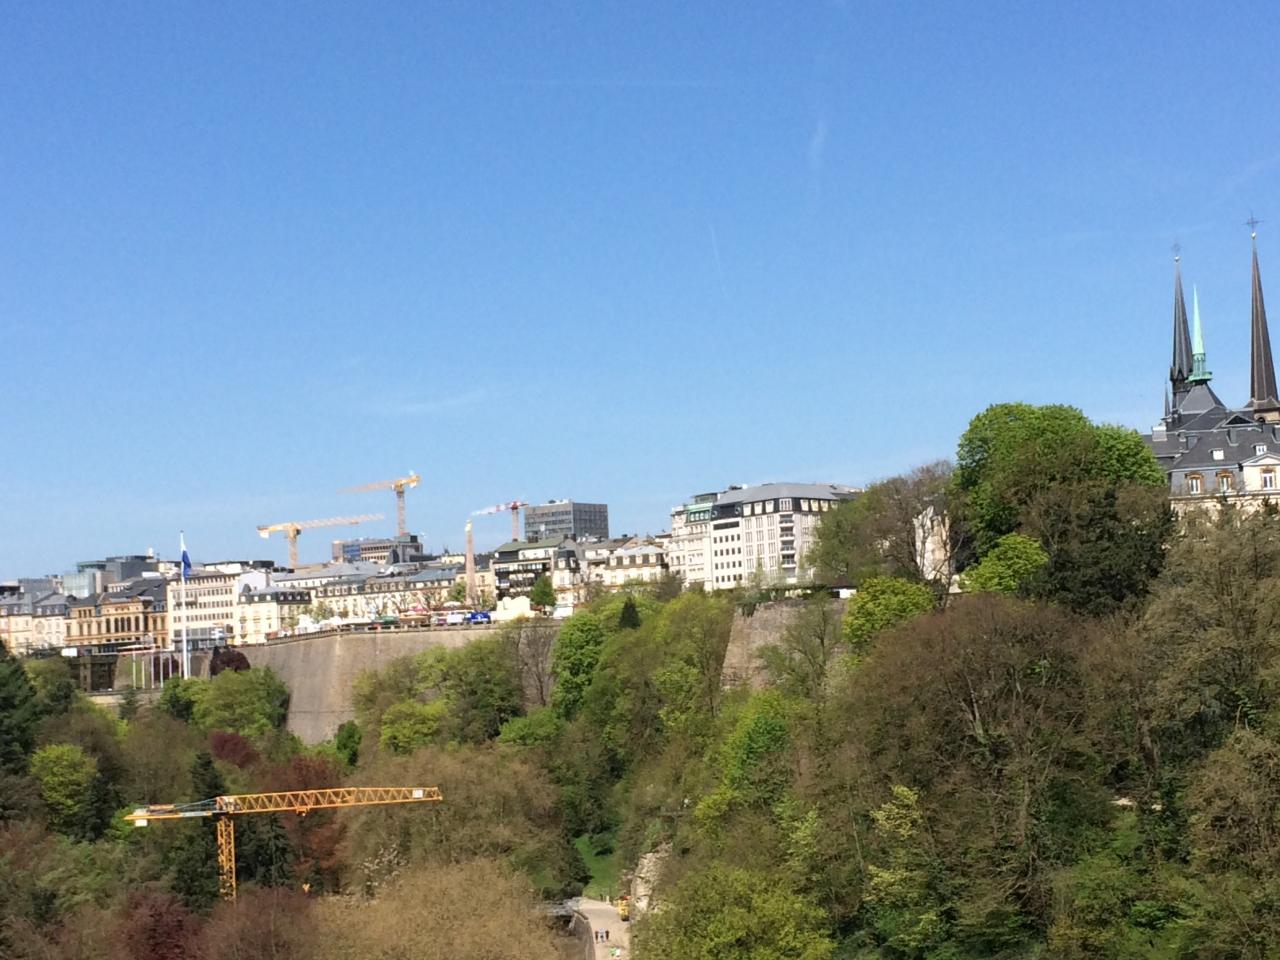 ルクセンブルク市の画像 p1_1